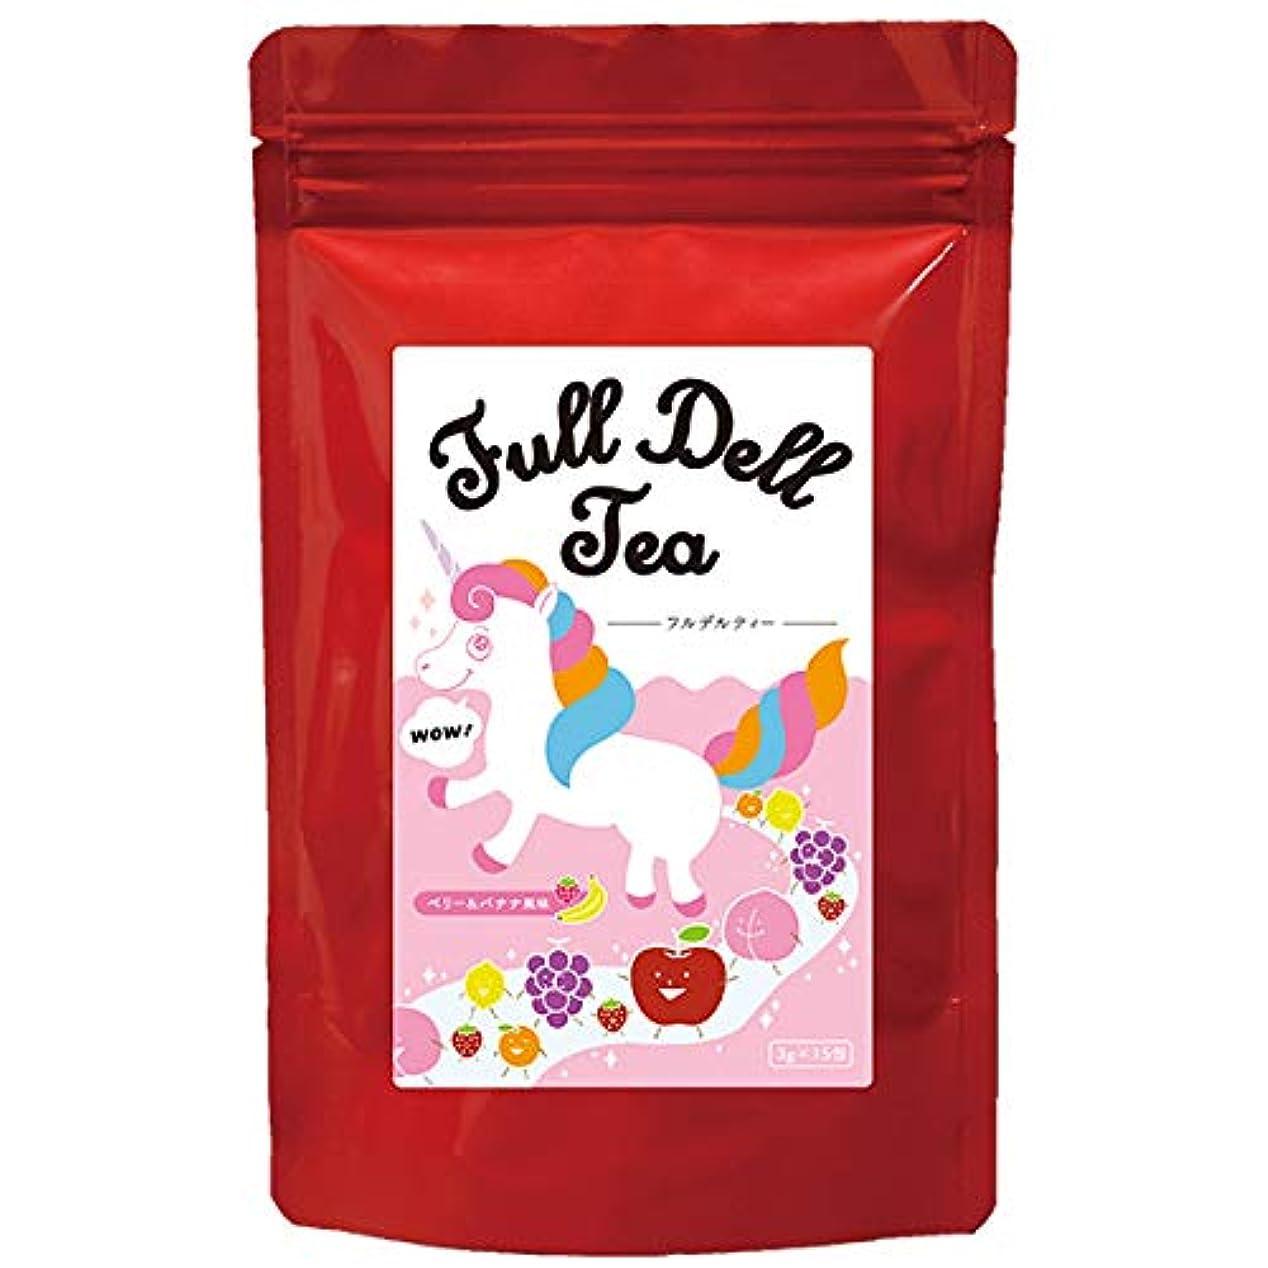 新しい意味背が高い染料美容健康茶 フルデルティー 1袋3.0g×15包入 ダイエット サポートティー 紅茶 デトックス サロン